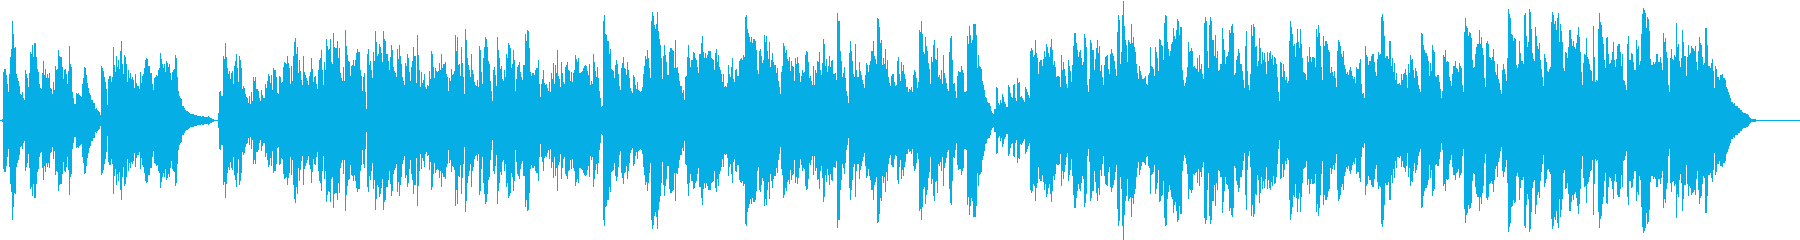 ケルト系・ピアノとハープの爽やかな舞曲の再生済みの波形